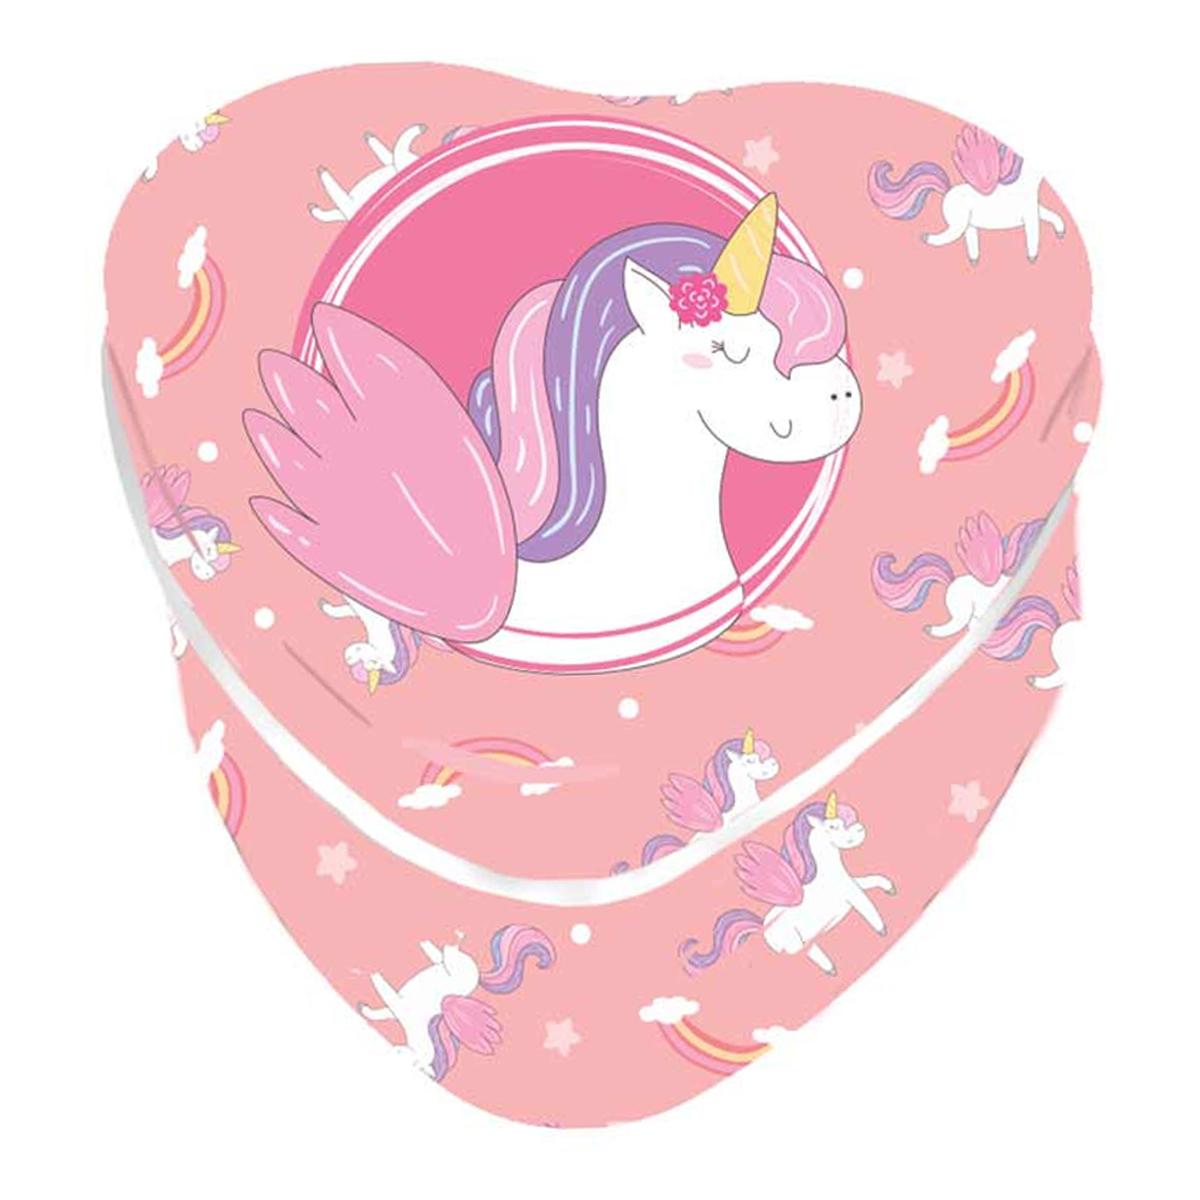 Coffret à Bijoux métal \'Licorne My Unicorn\' rose (coeur) - 7x7x4 cm - [Q8351]